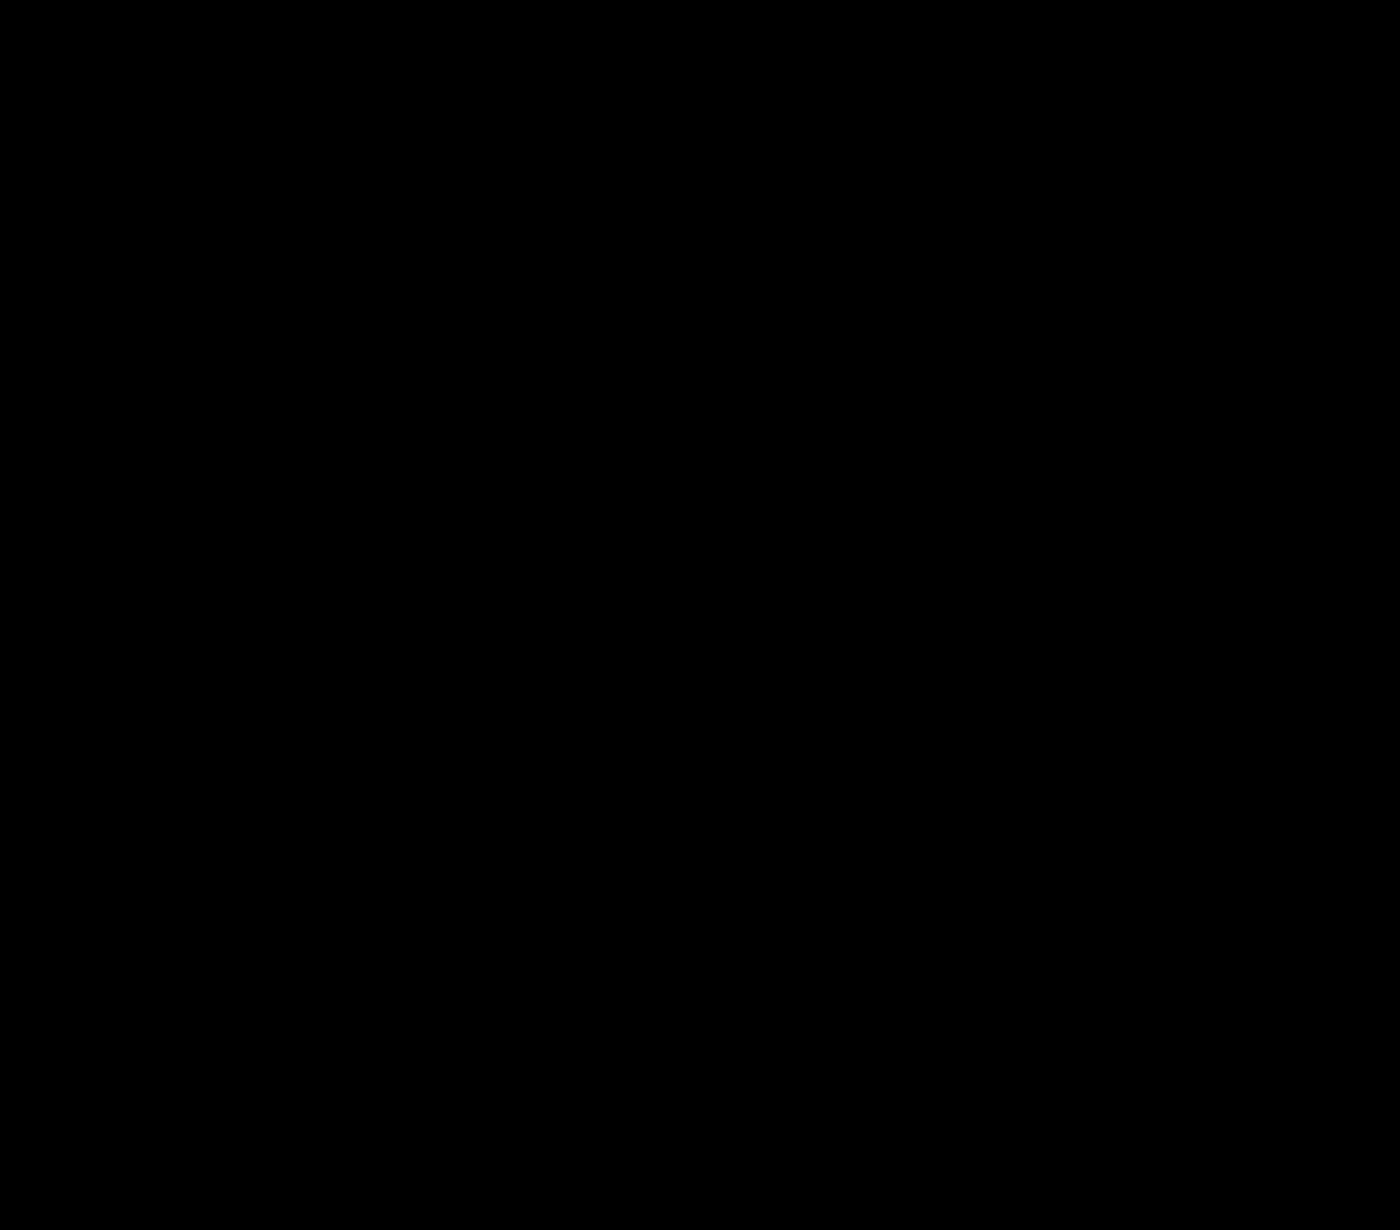 8er Satz von Stühlen des gustavianischen Ährenmodells